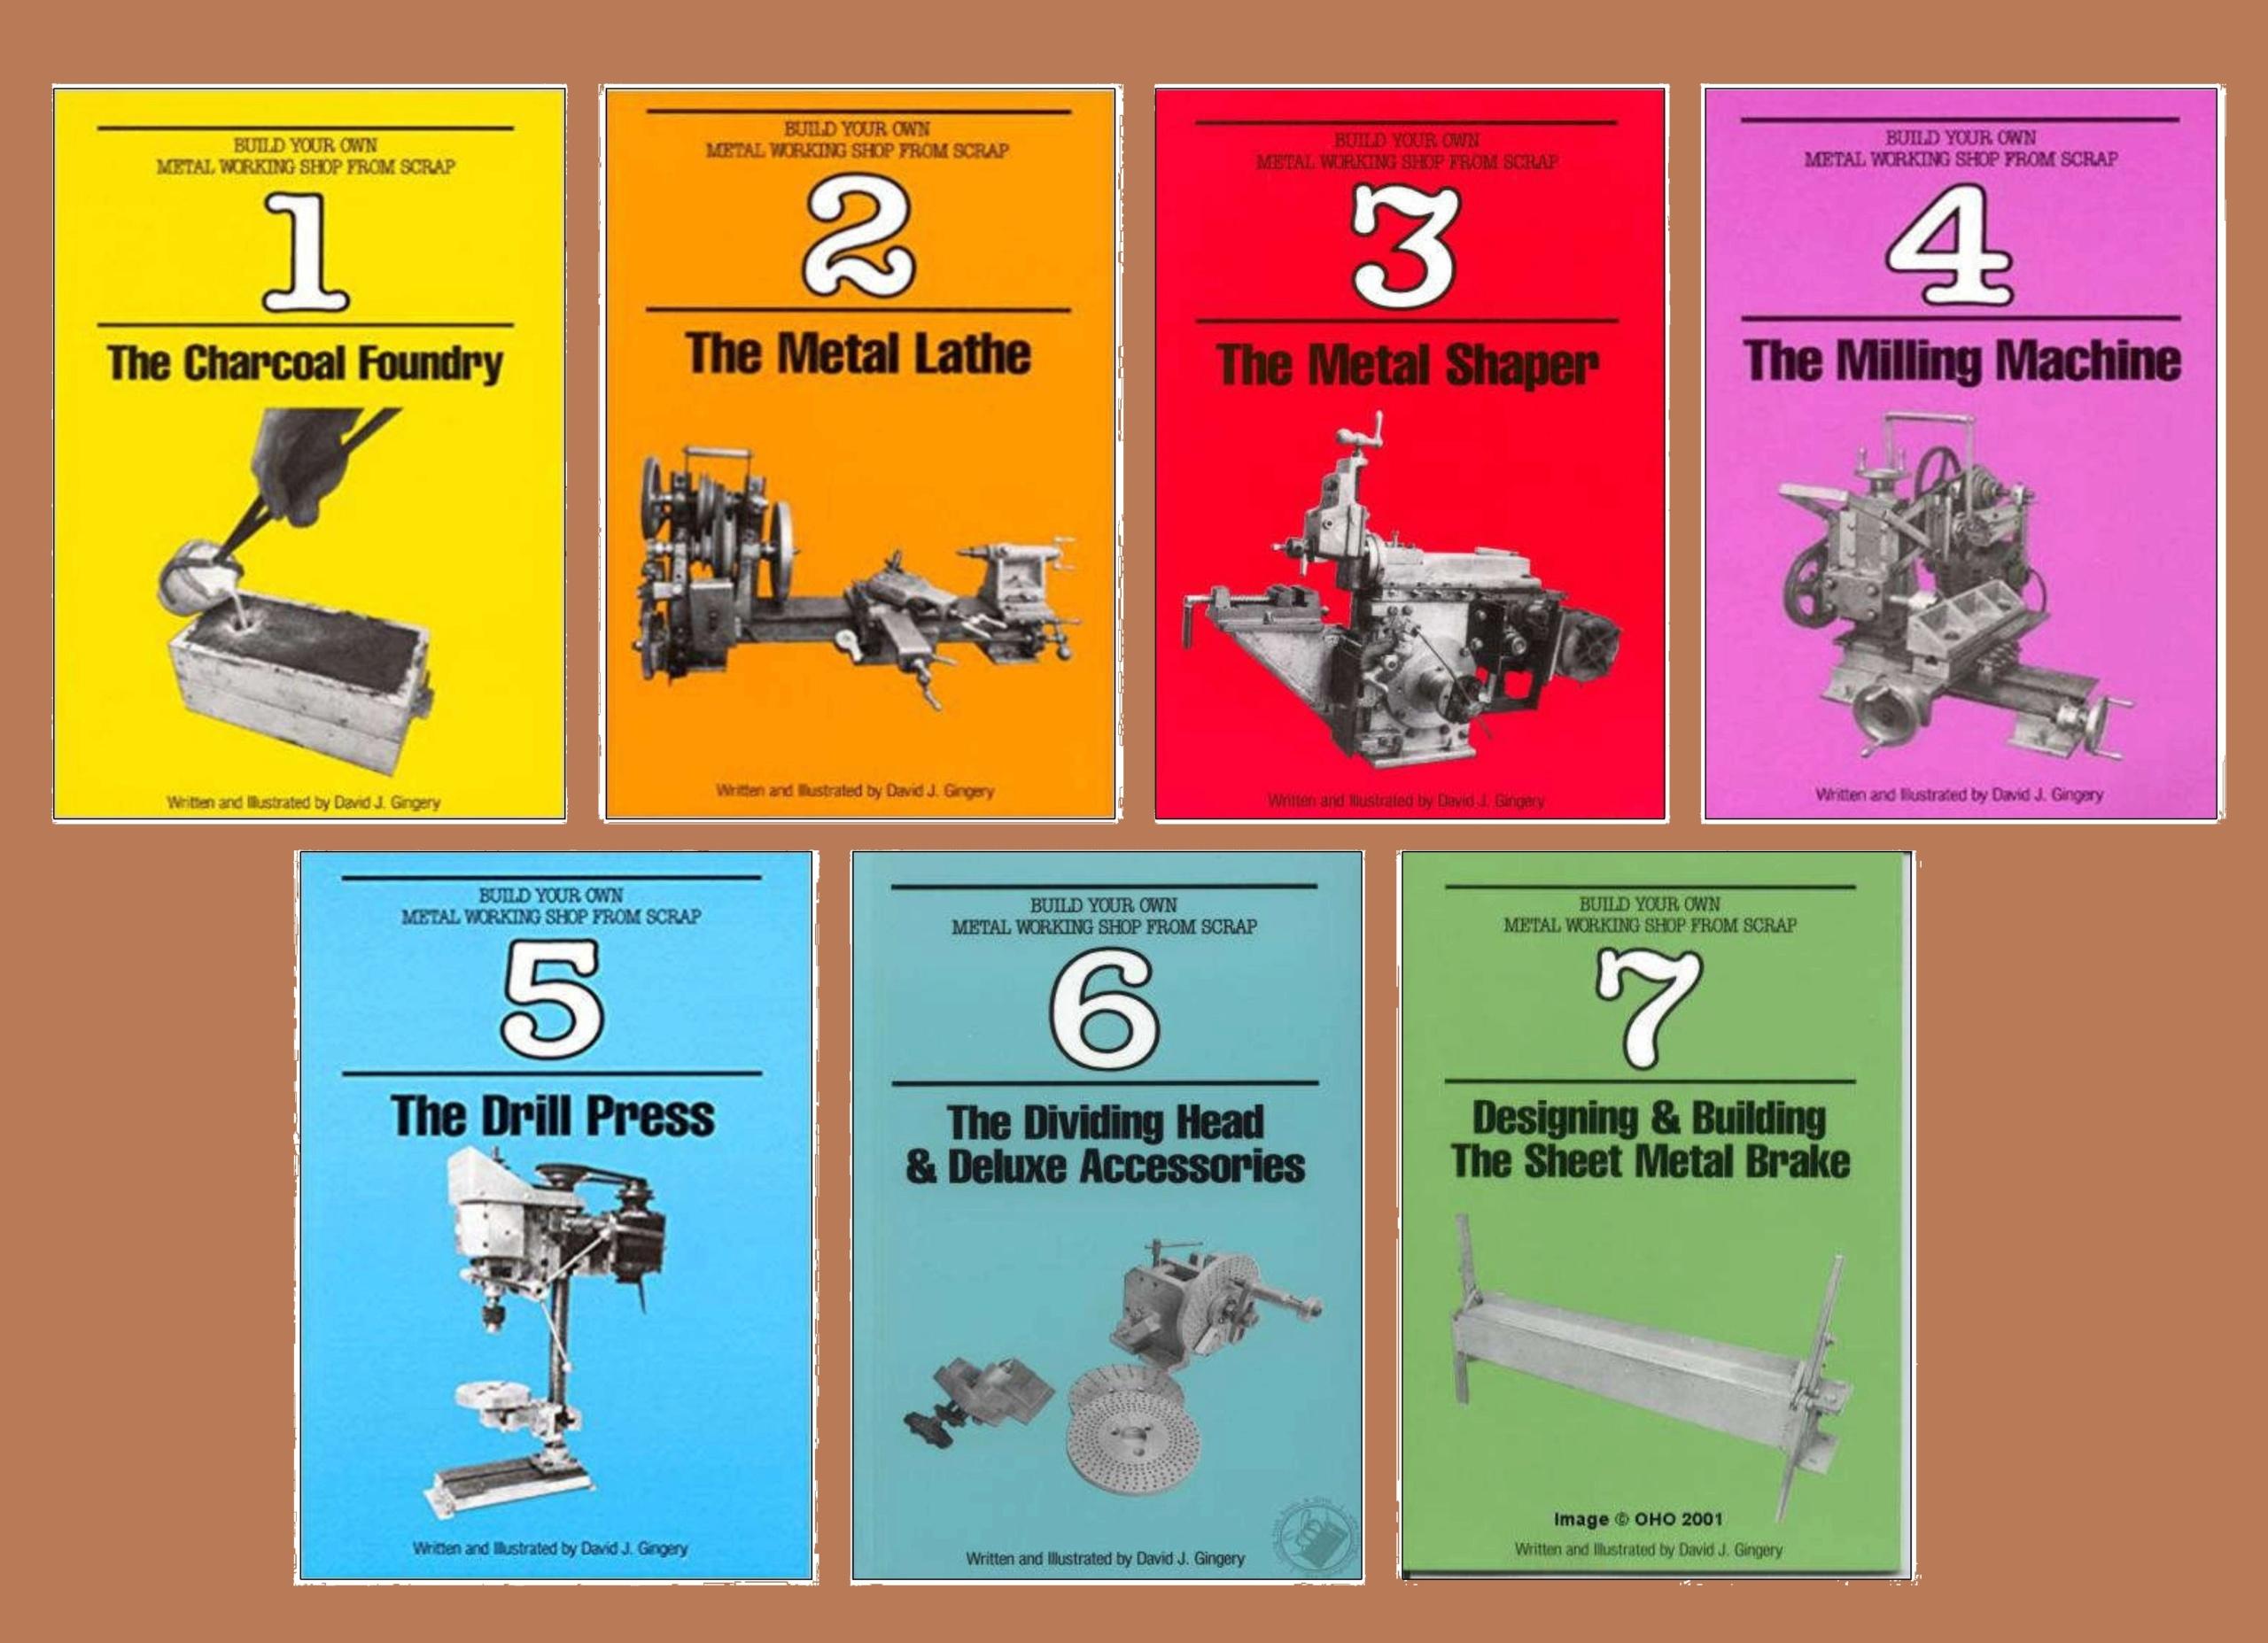 سلسلة كتب اصنع ماكينة ورشتك الخاصة من الخردة كاملة - Build Your Own Metal Working Shop From Scrap B_y_o_18